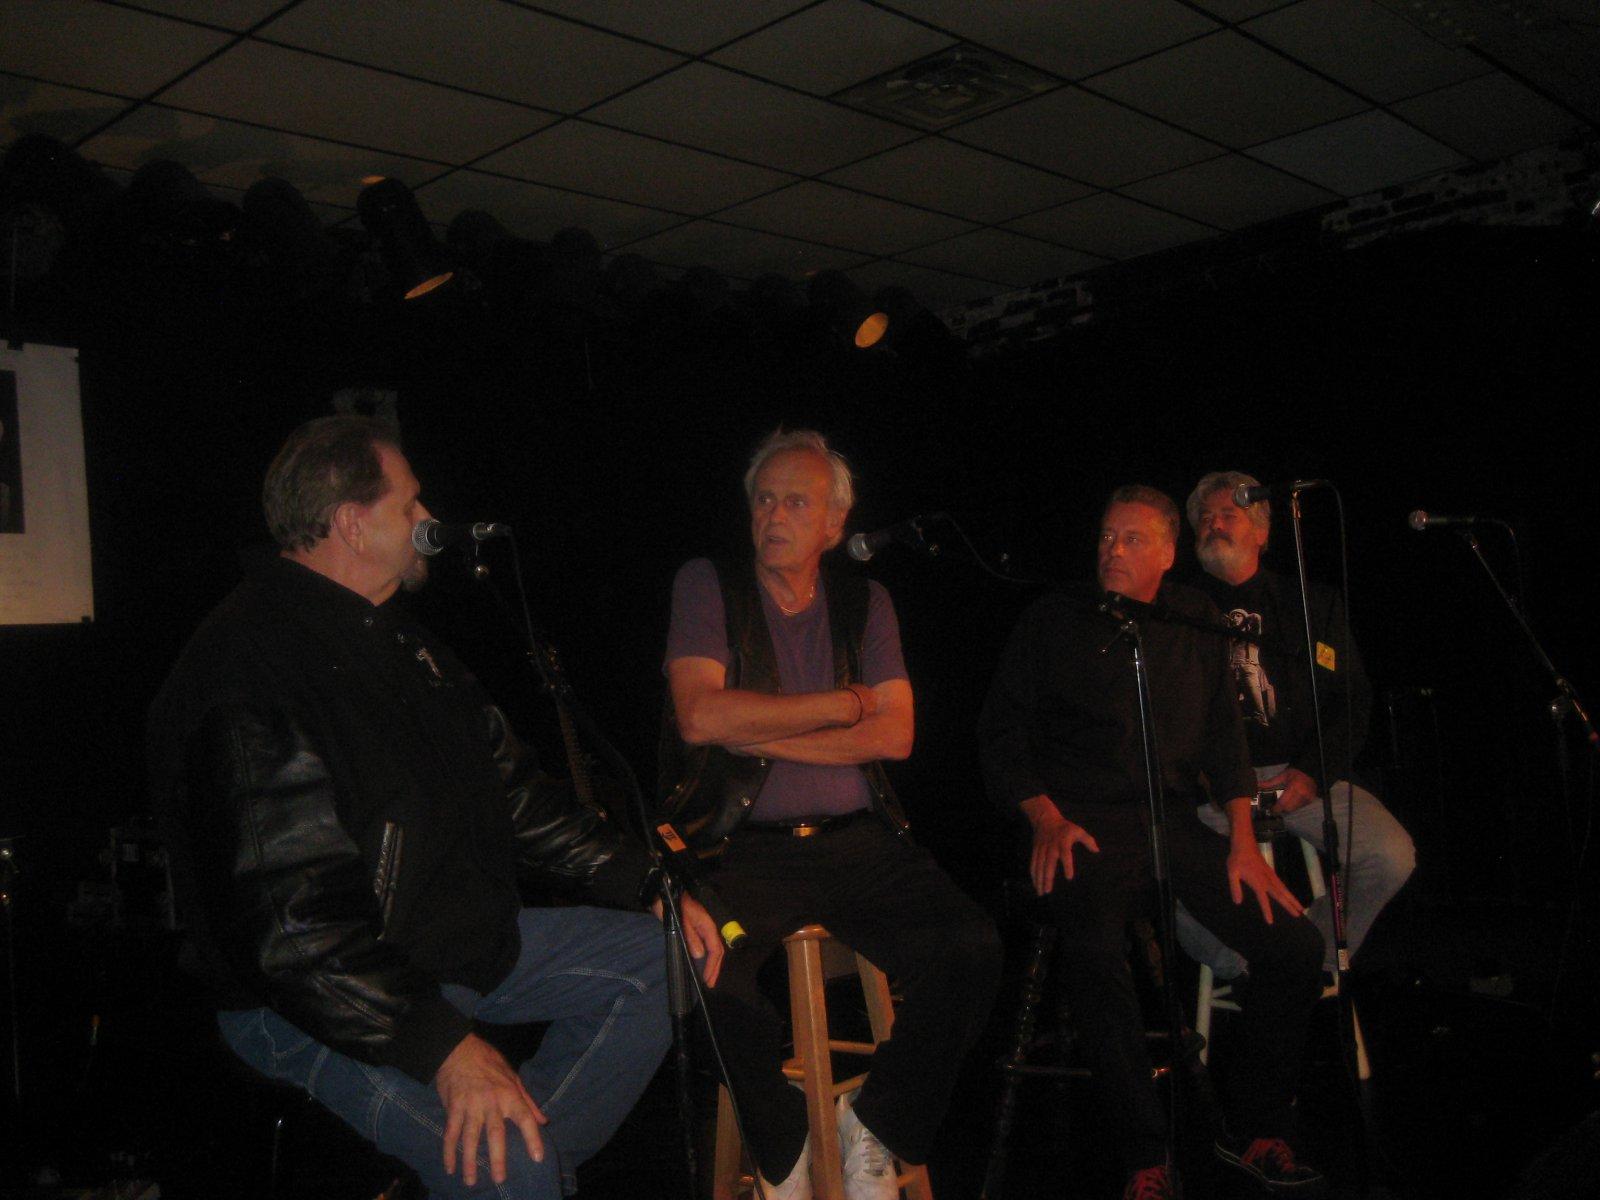 Terry Cullen, Bob Reitman, and Bob Cavallo [r]